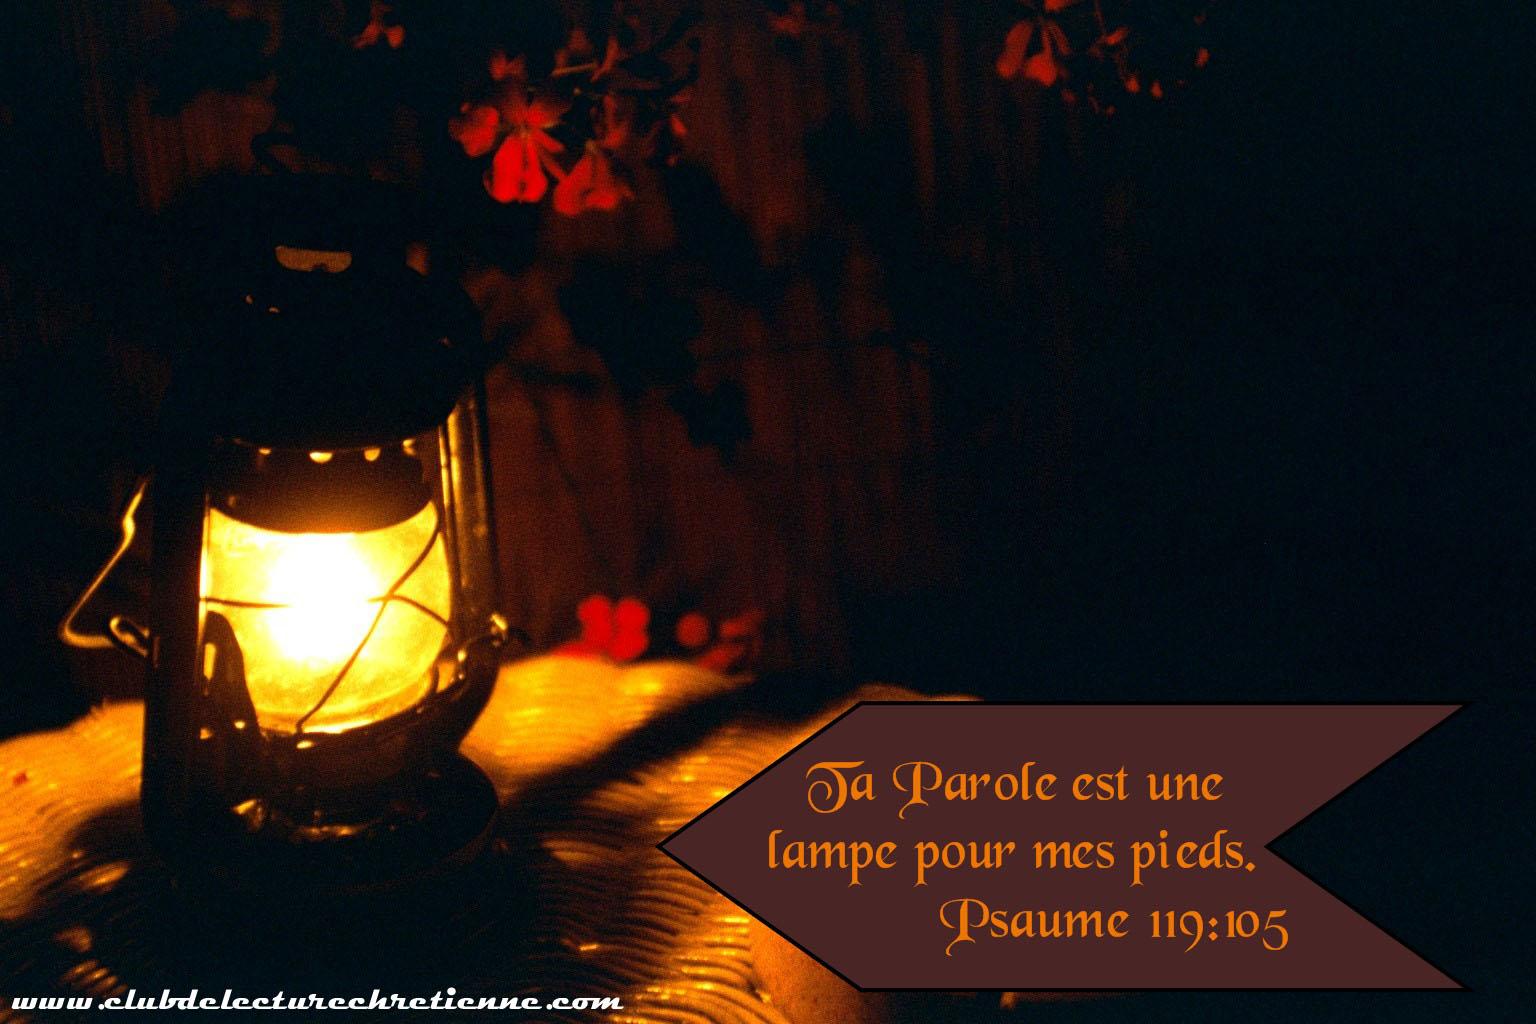 Psaumes 119v105.jpg